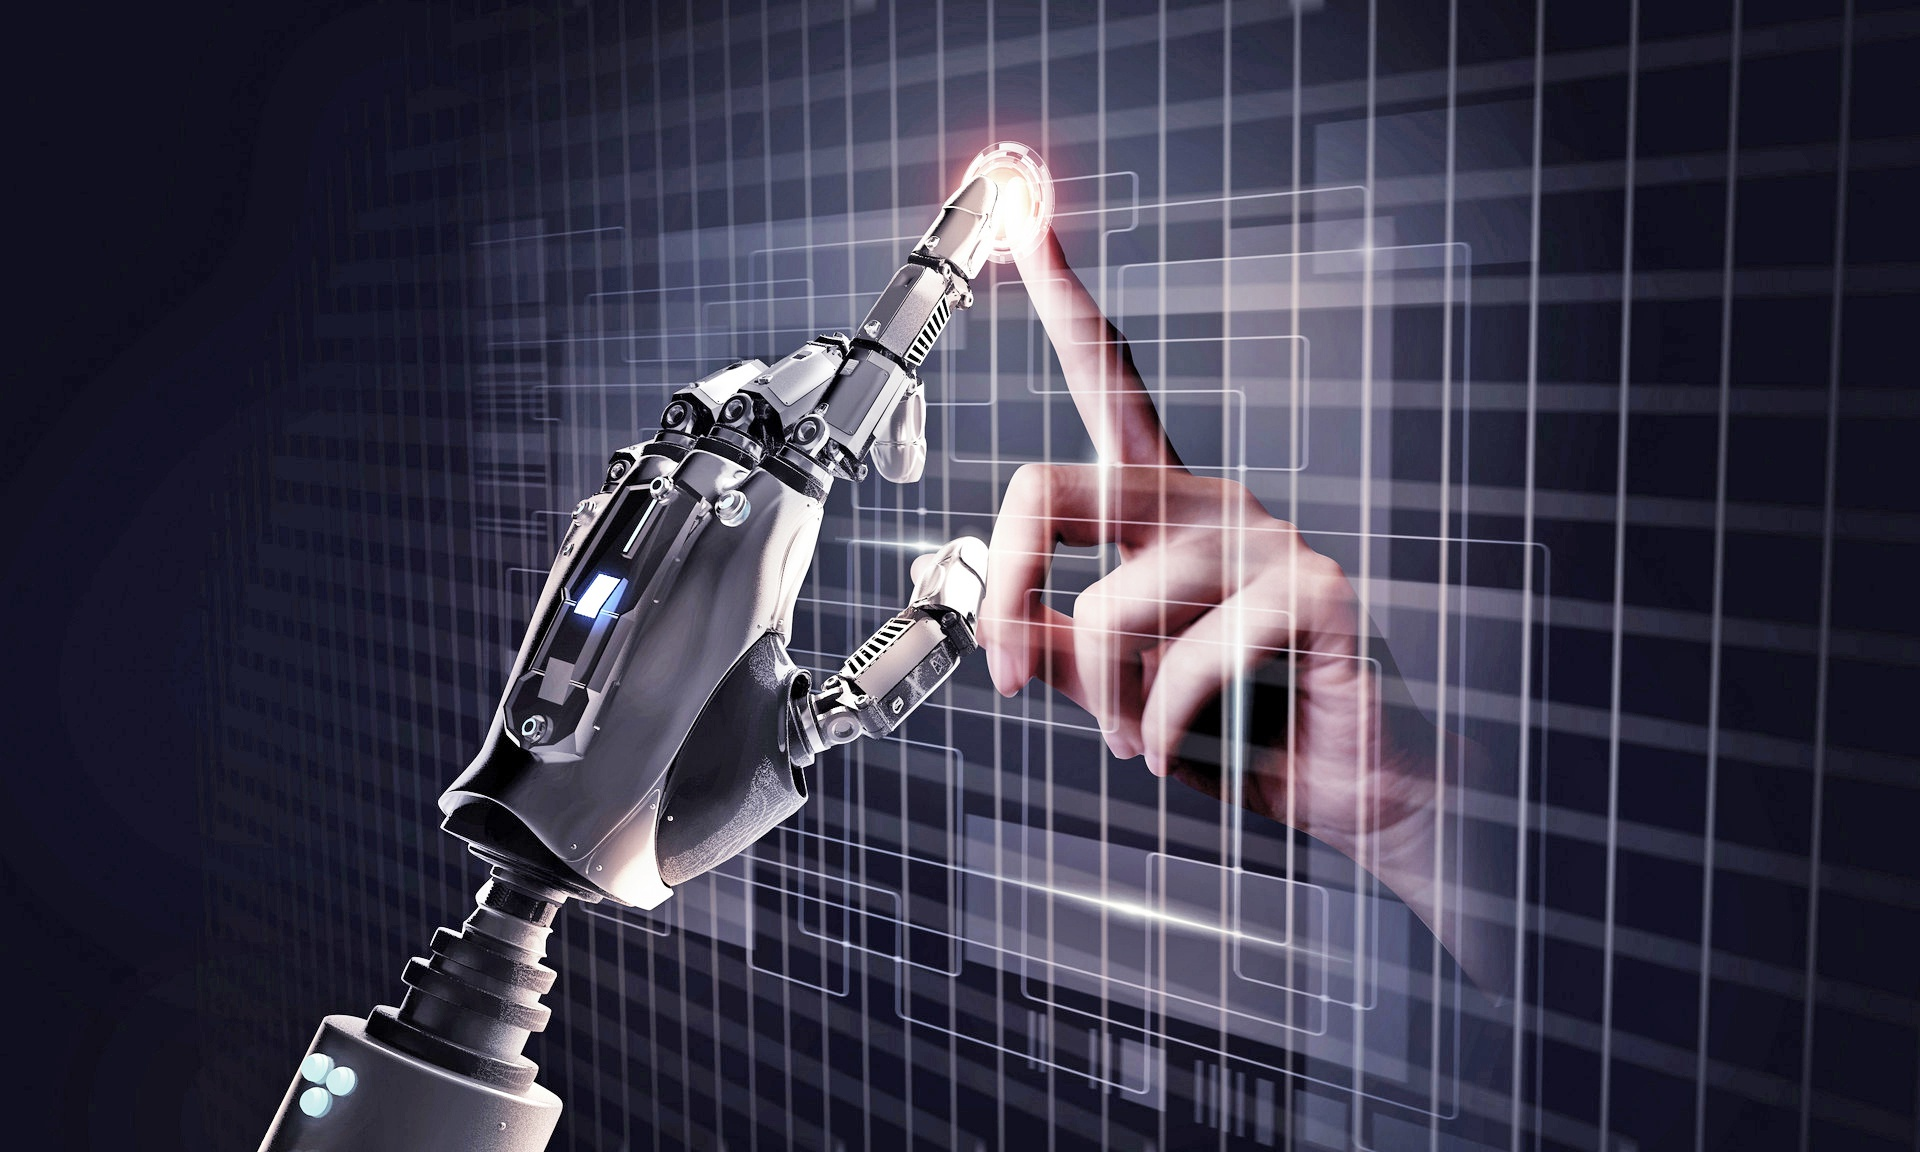 优必选科技监事会主席邓峰:智能机器人的普及需更多的技术积累并降低成本